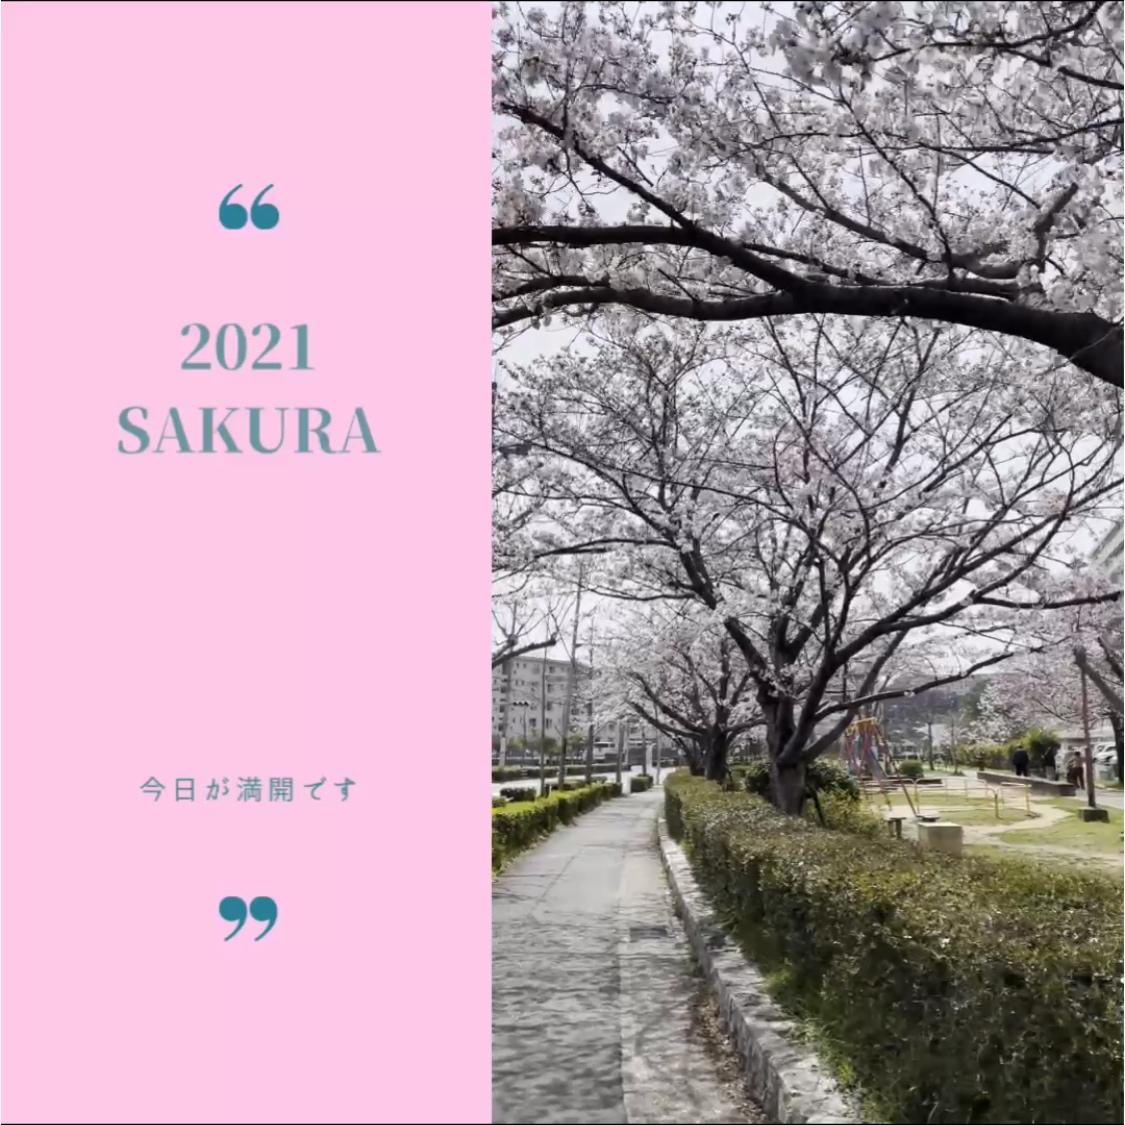 桜が満開です✨